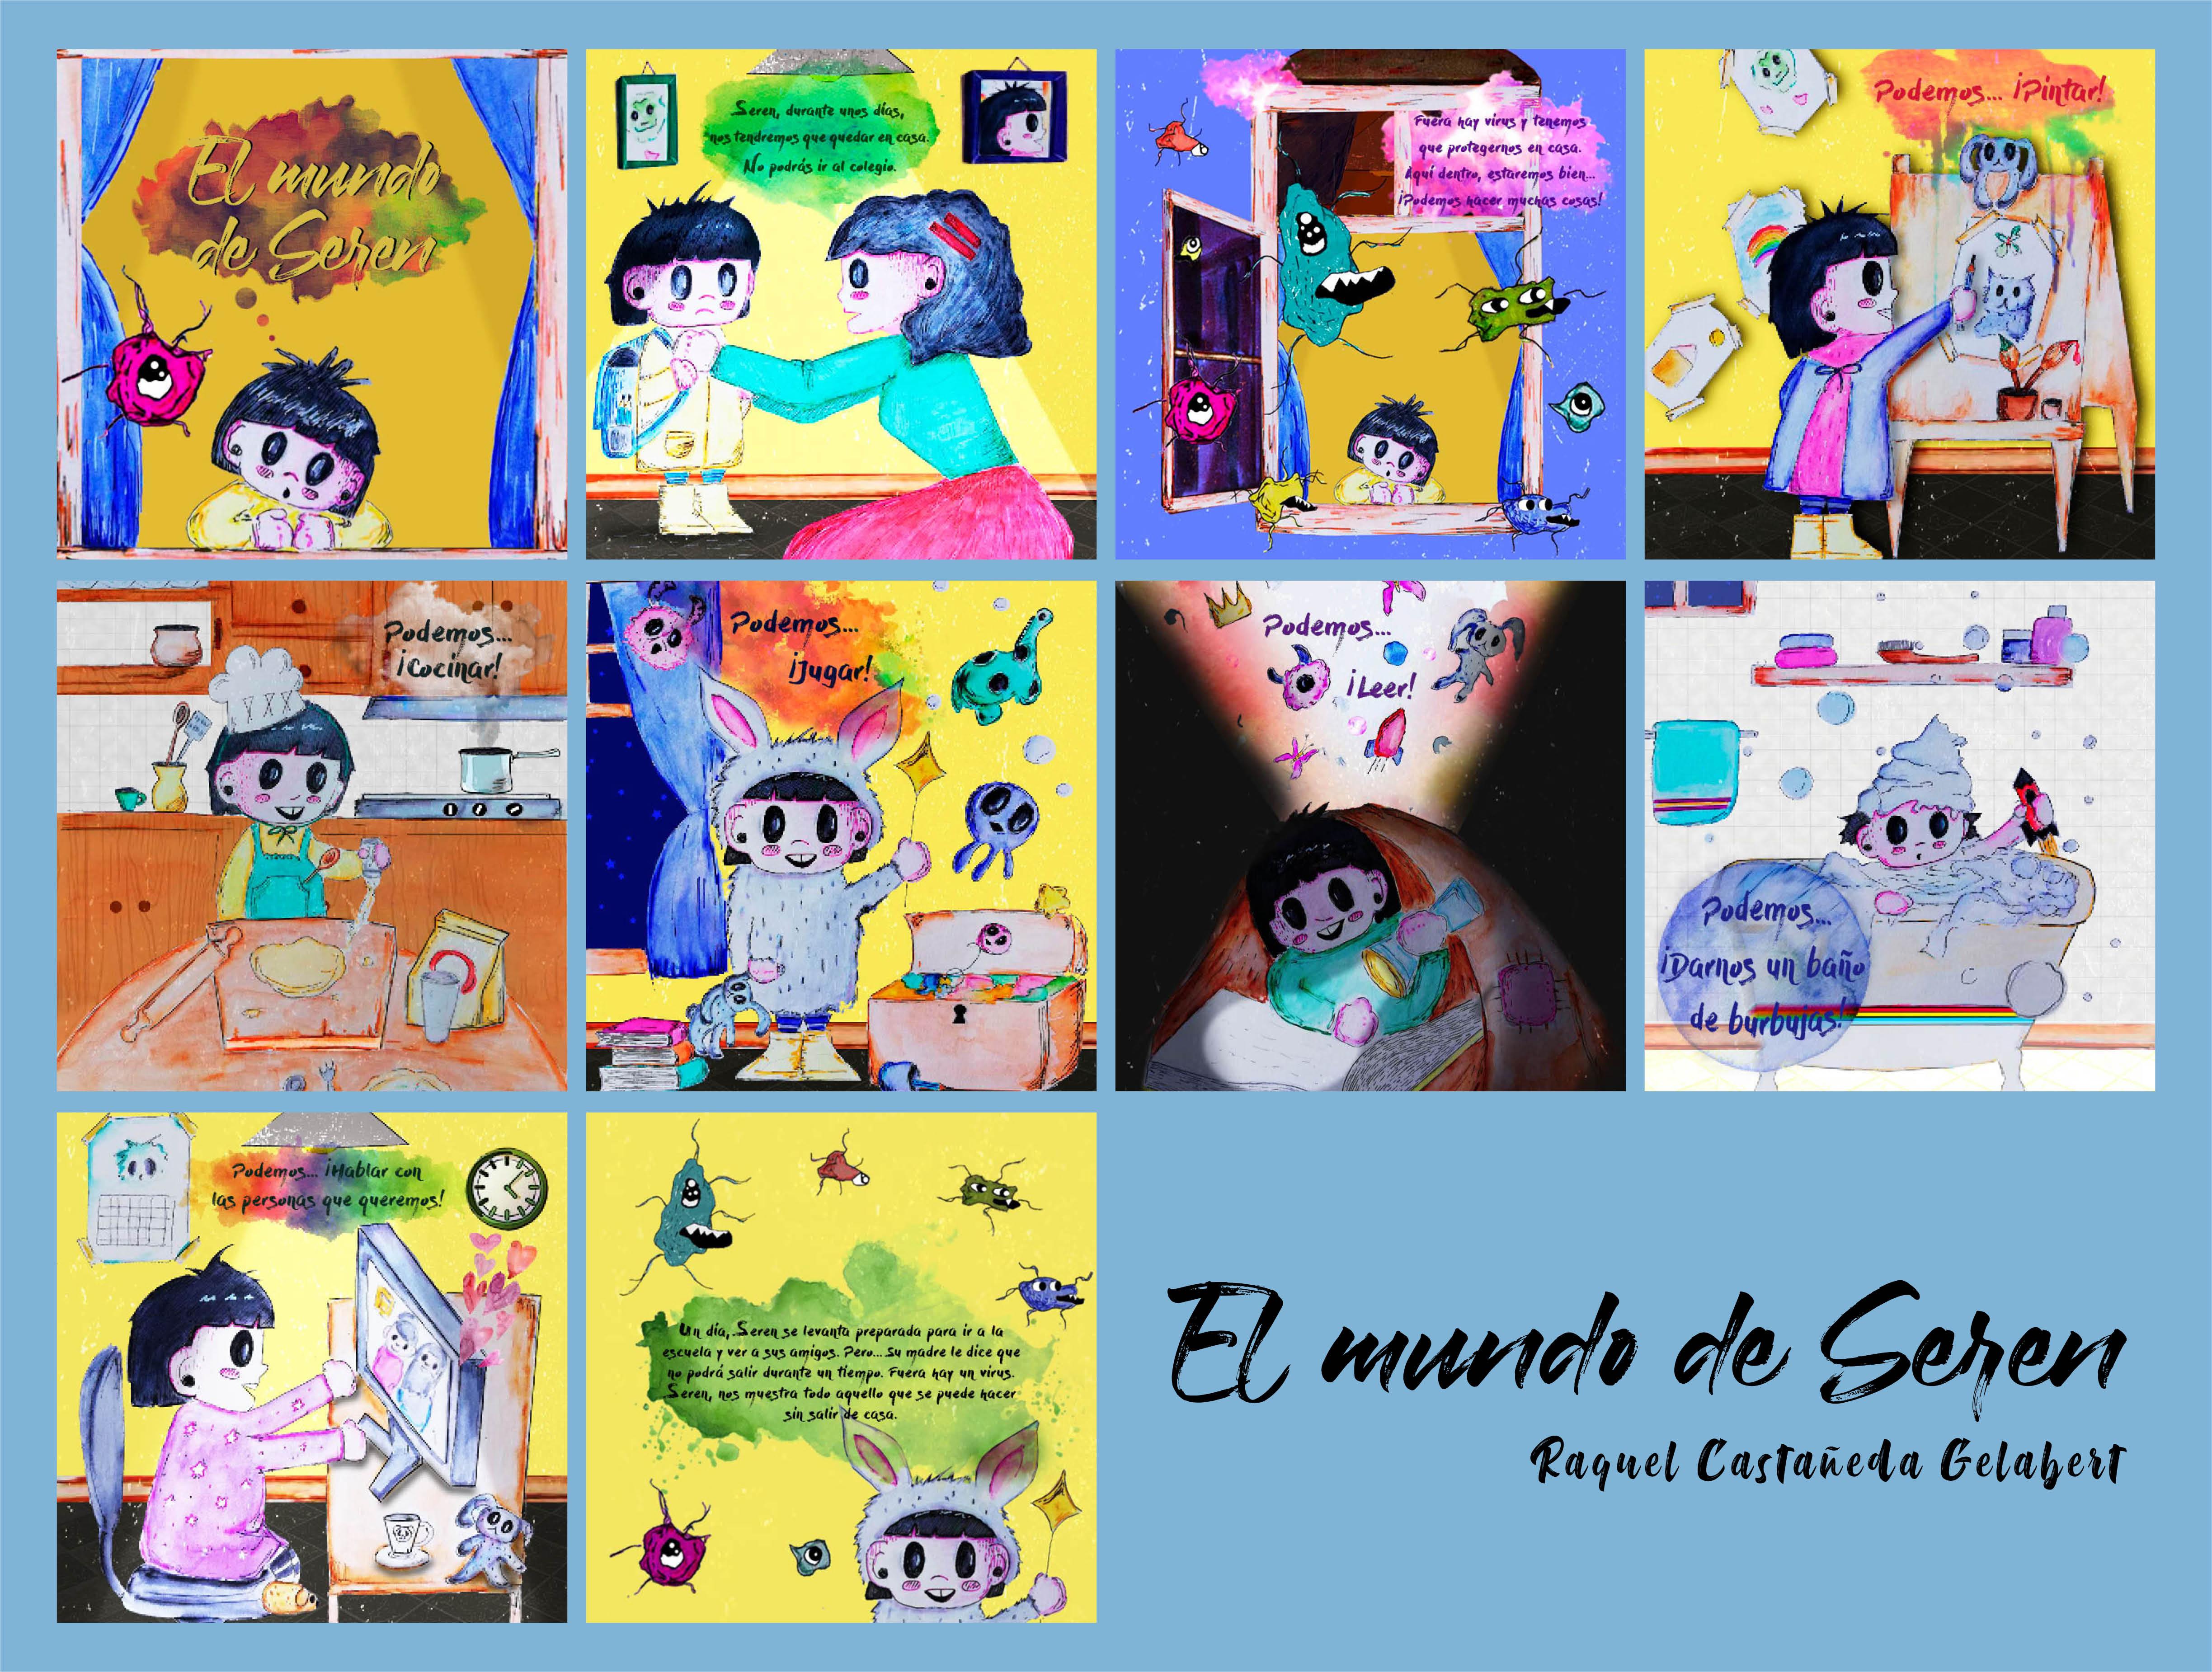 El mundo de Seren by Raquel Castañeda Gelabert - Creative Work - $i